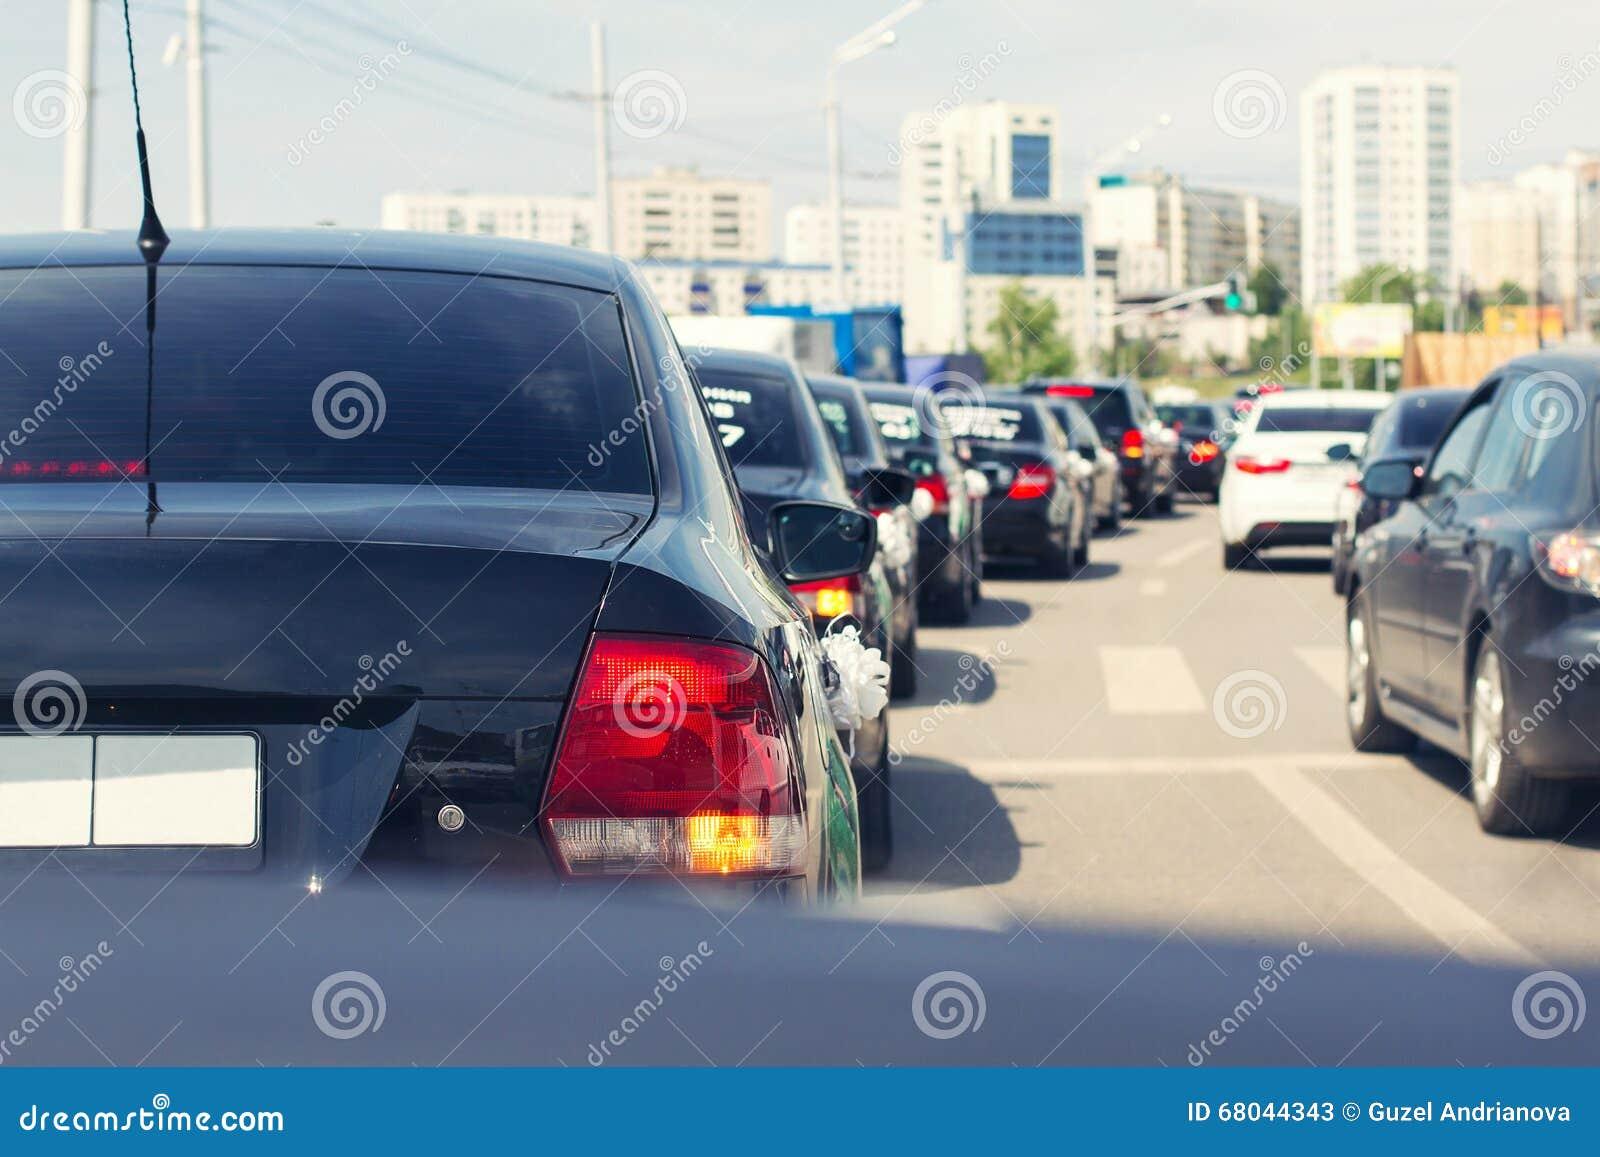 Stopper od samochodów w śródmieściu